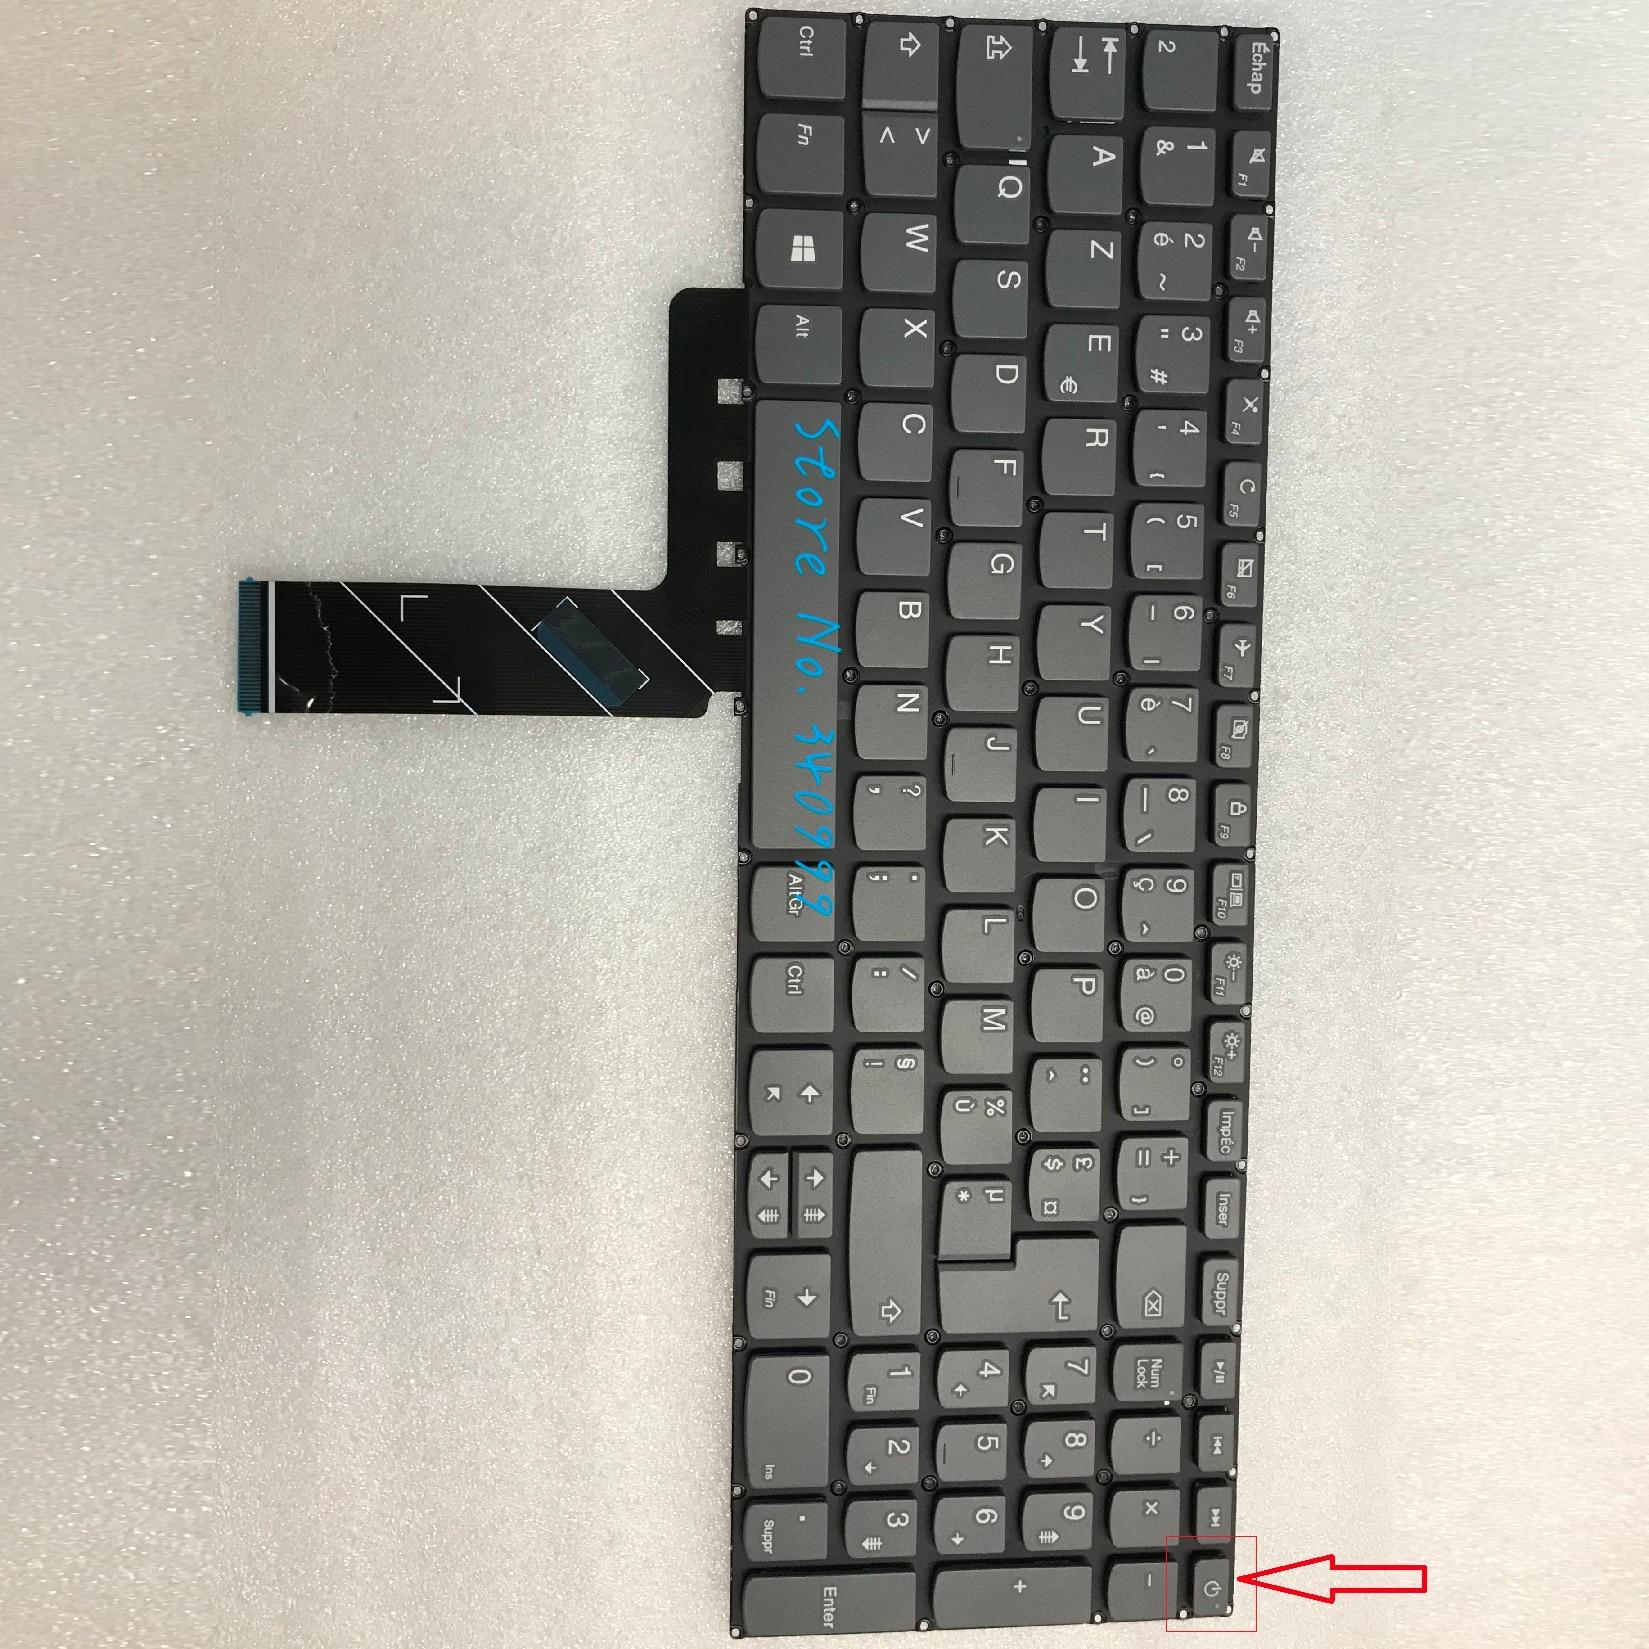 جديد AZERTY الفرنسية لوحة المفاتيح لينوفو IdeaPad L340-15 L340-15API L340-15IWL L340-17API L340-17IWL كلافيير